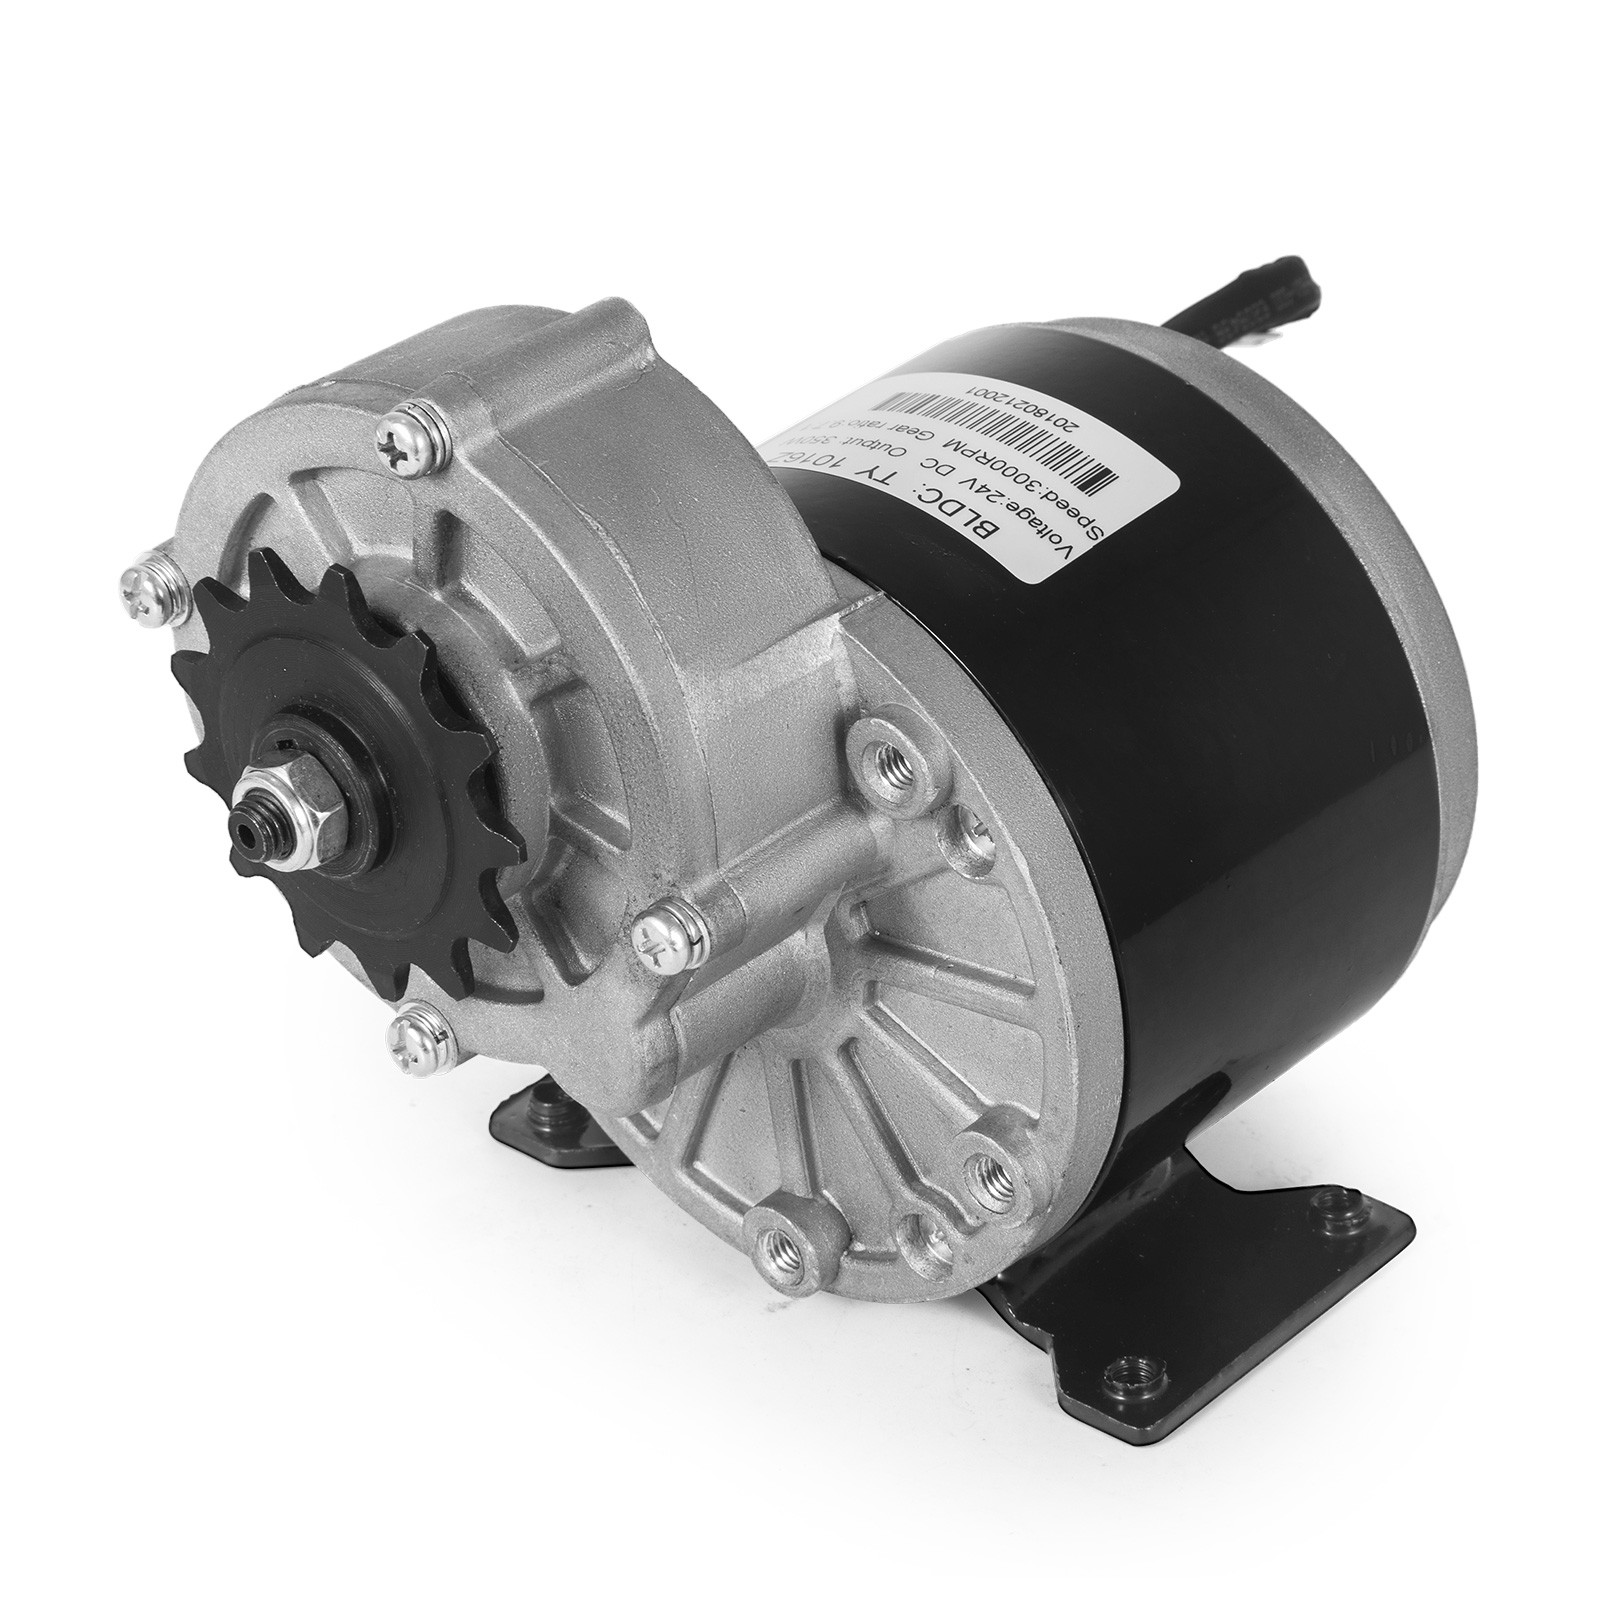 Electric-Motor-E-bike-Motor-controller-kit-DC-24v-12v-Minibike-E-Scooter-ATV thumbnail 49